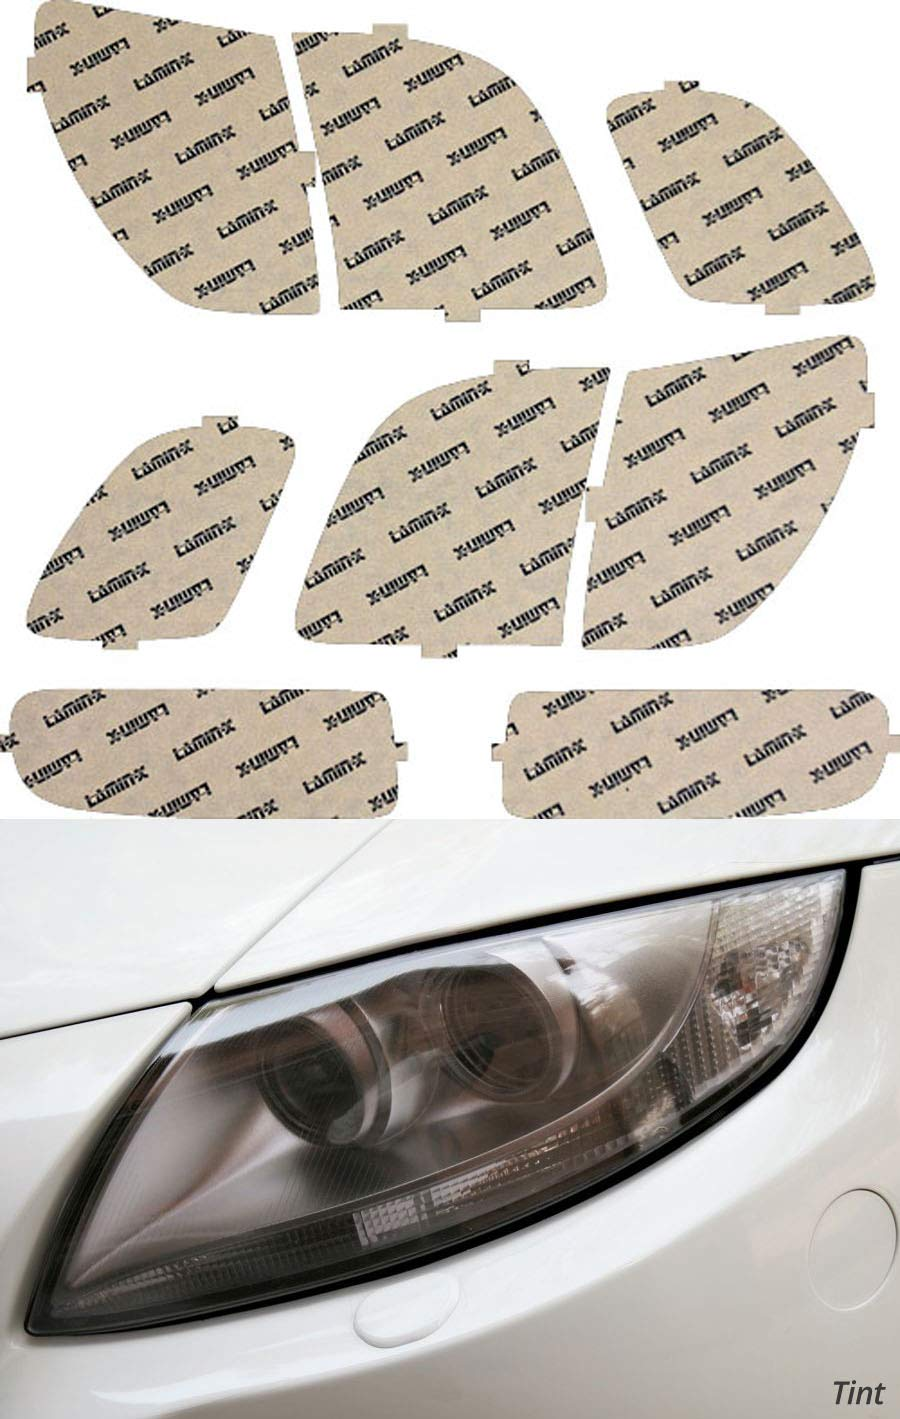 Lamin-x L007T Headlight Film Covers